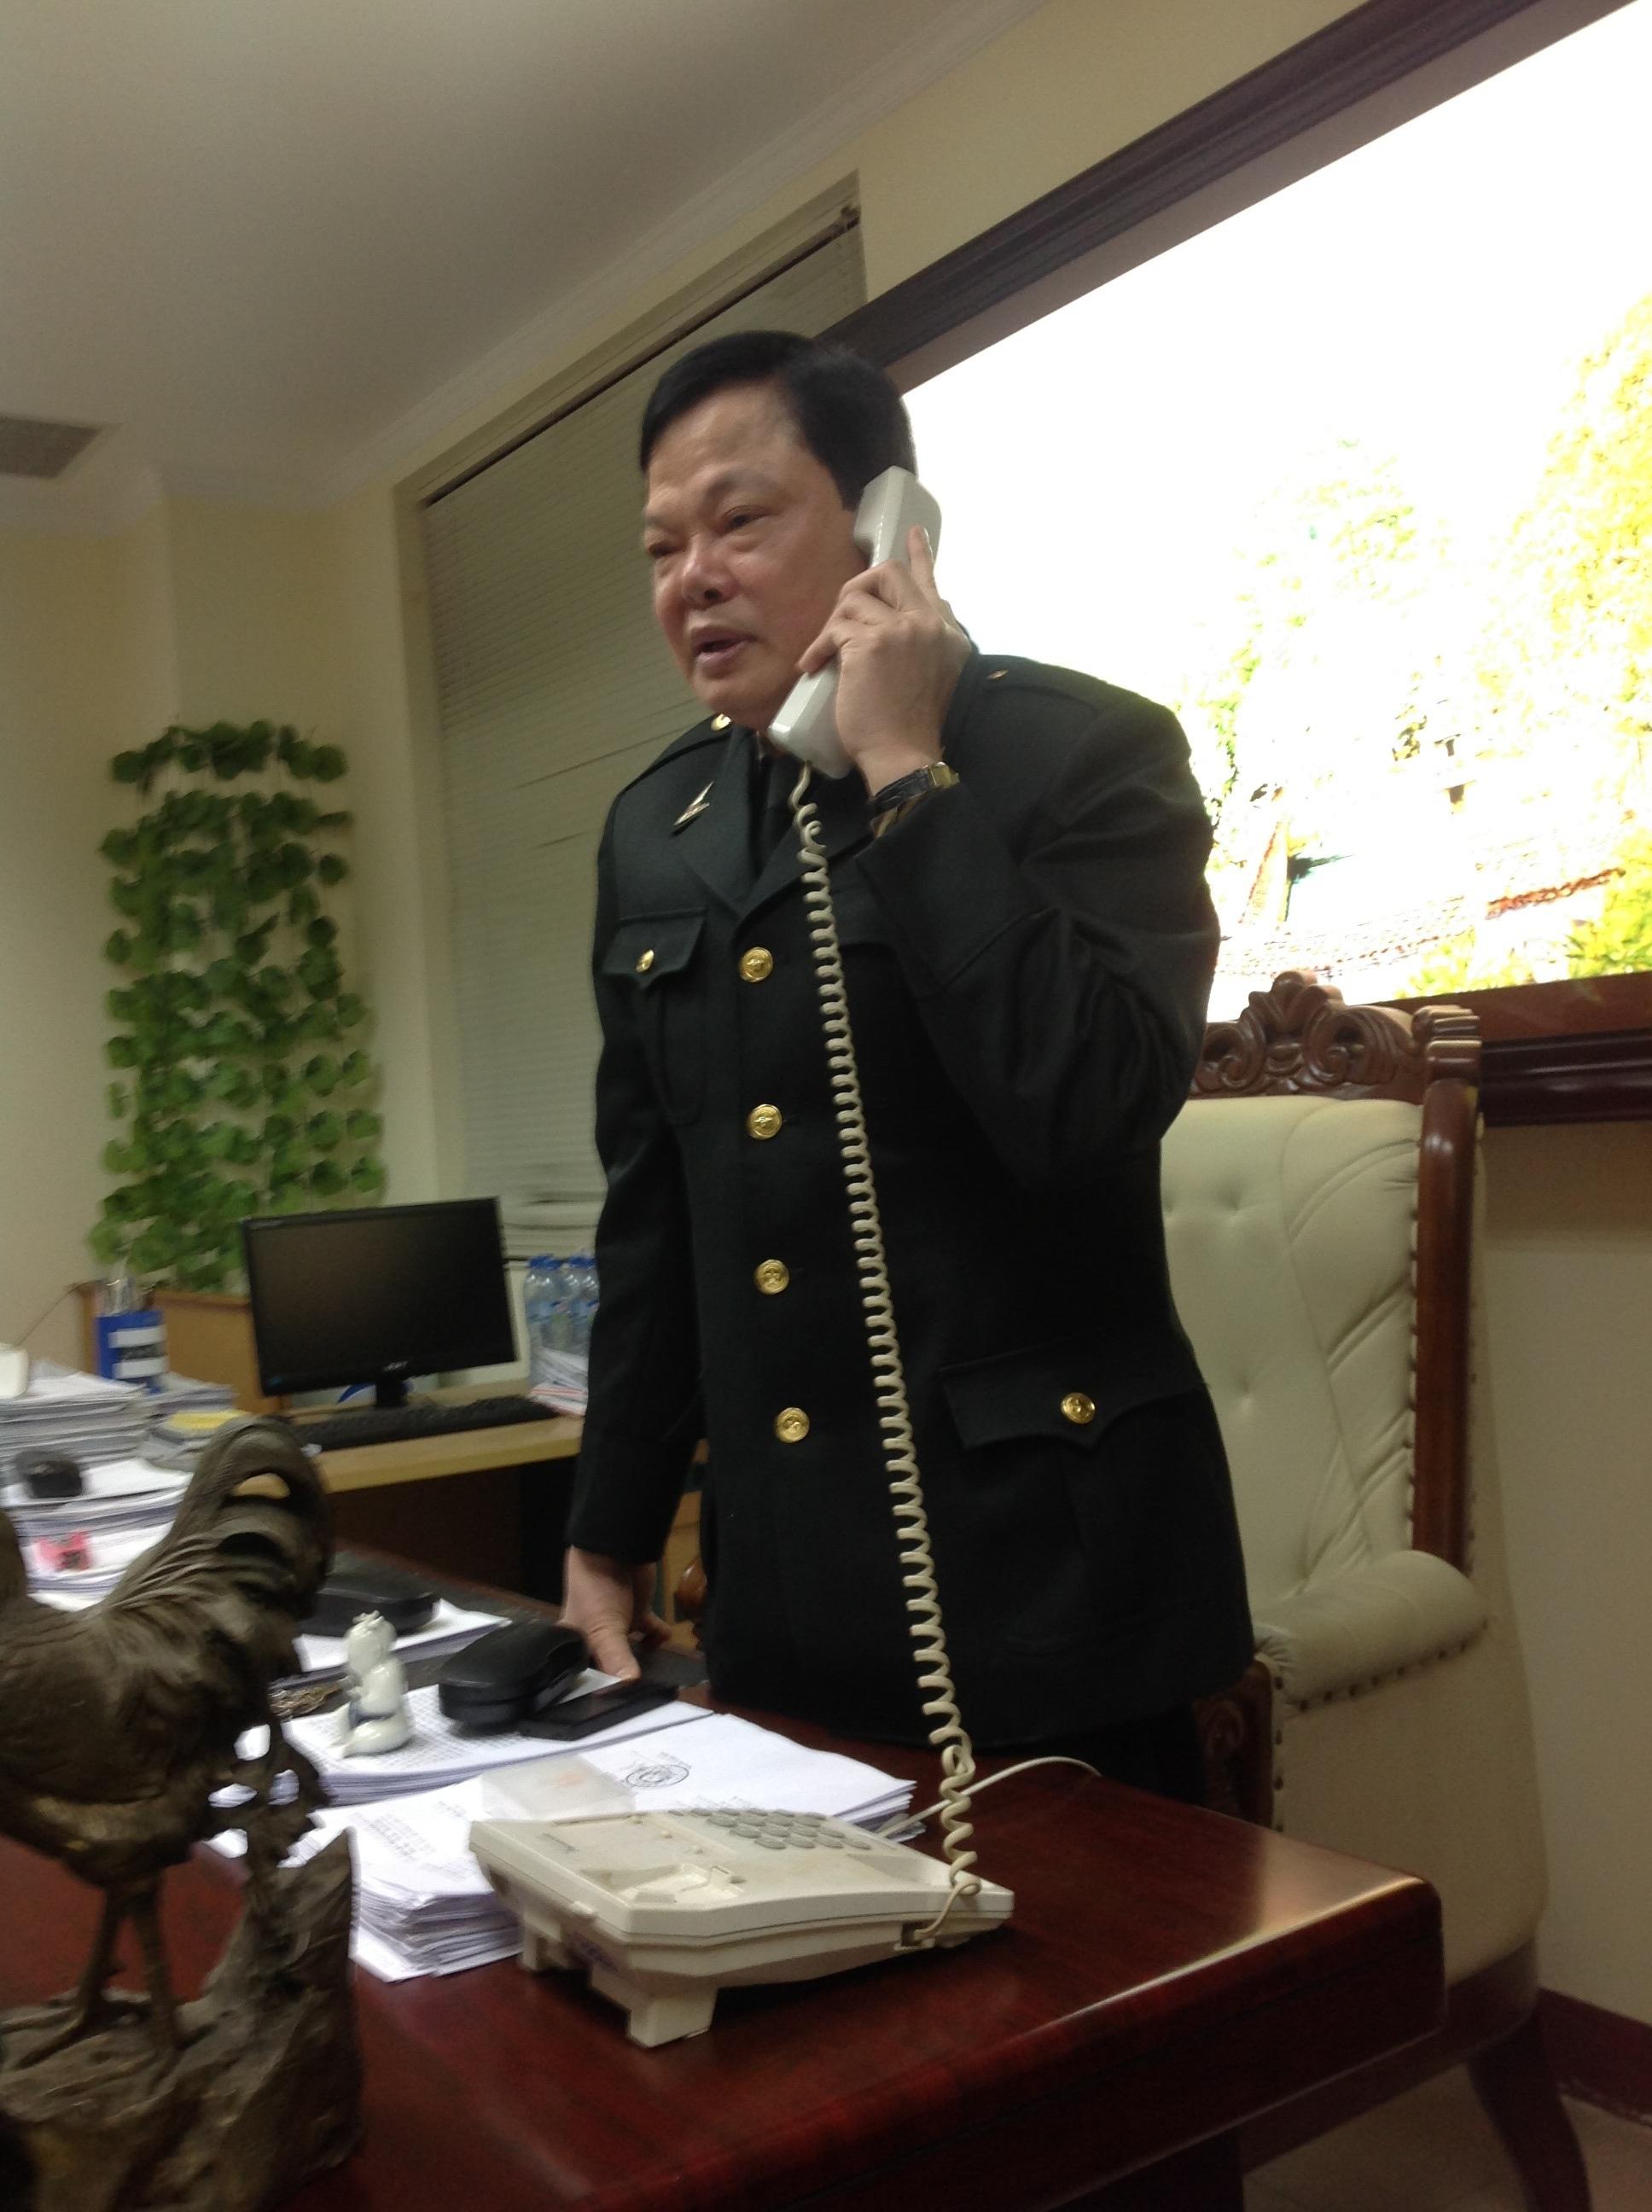 Ông Phạm Trọng Đạt đang tiếp nhận một cuộc điện thoại phản ánh cán bộ nhận quà Tết trái quy định.